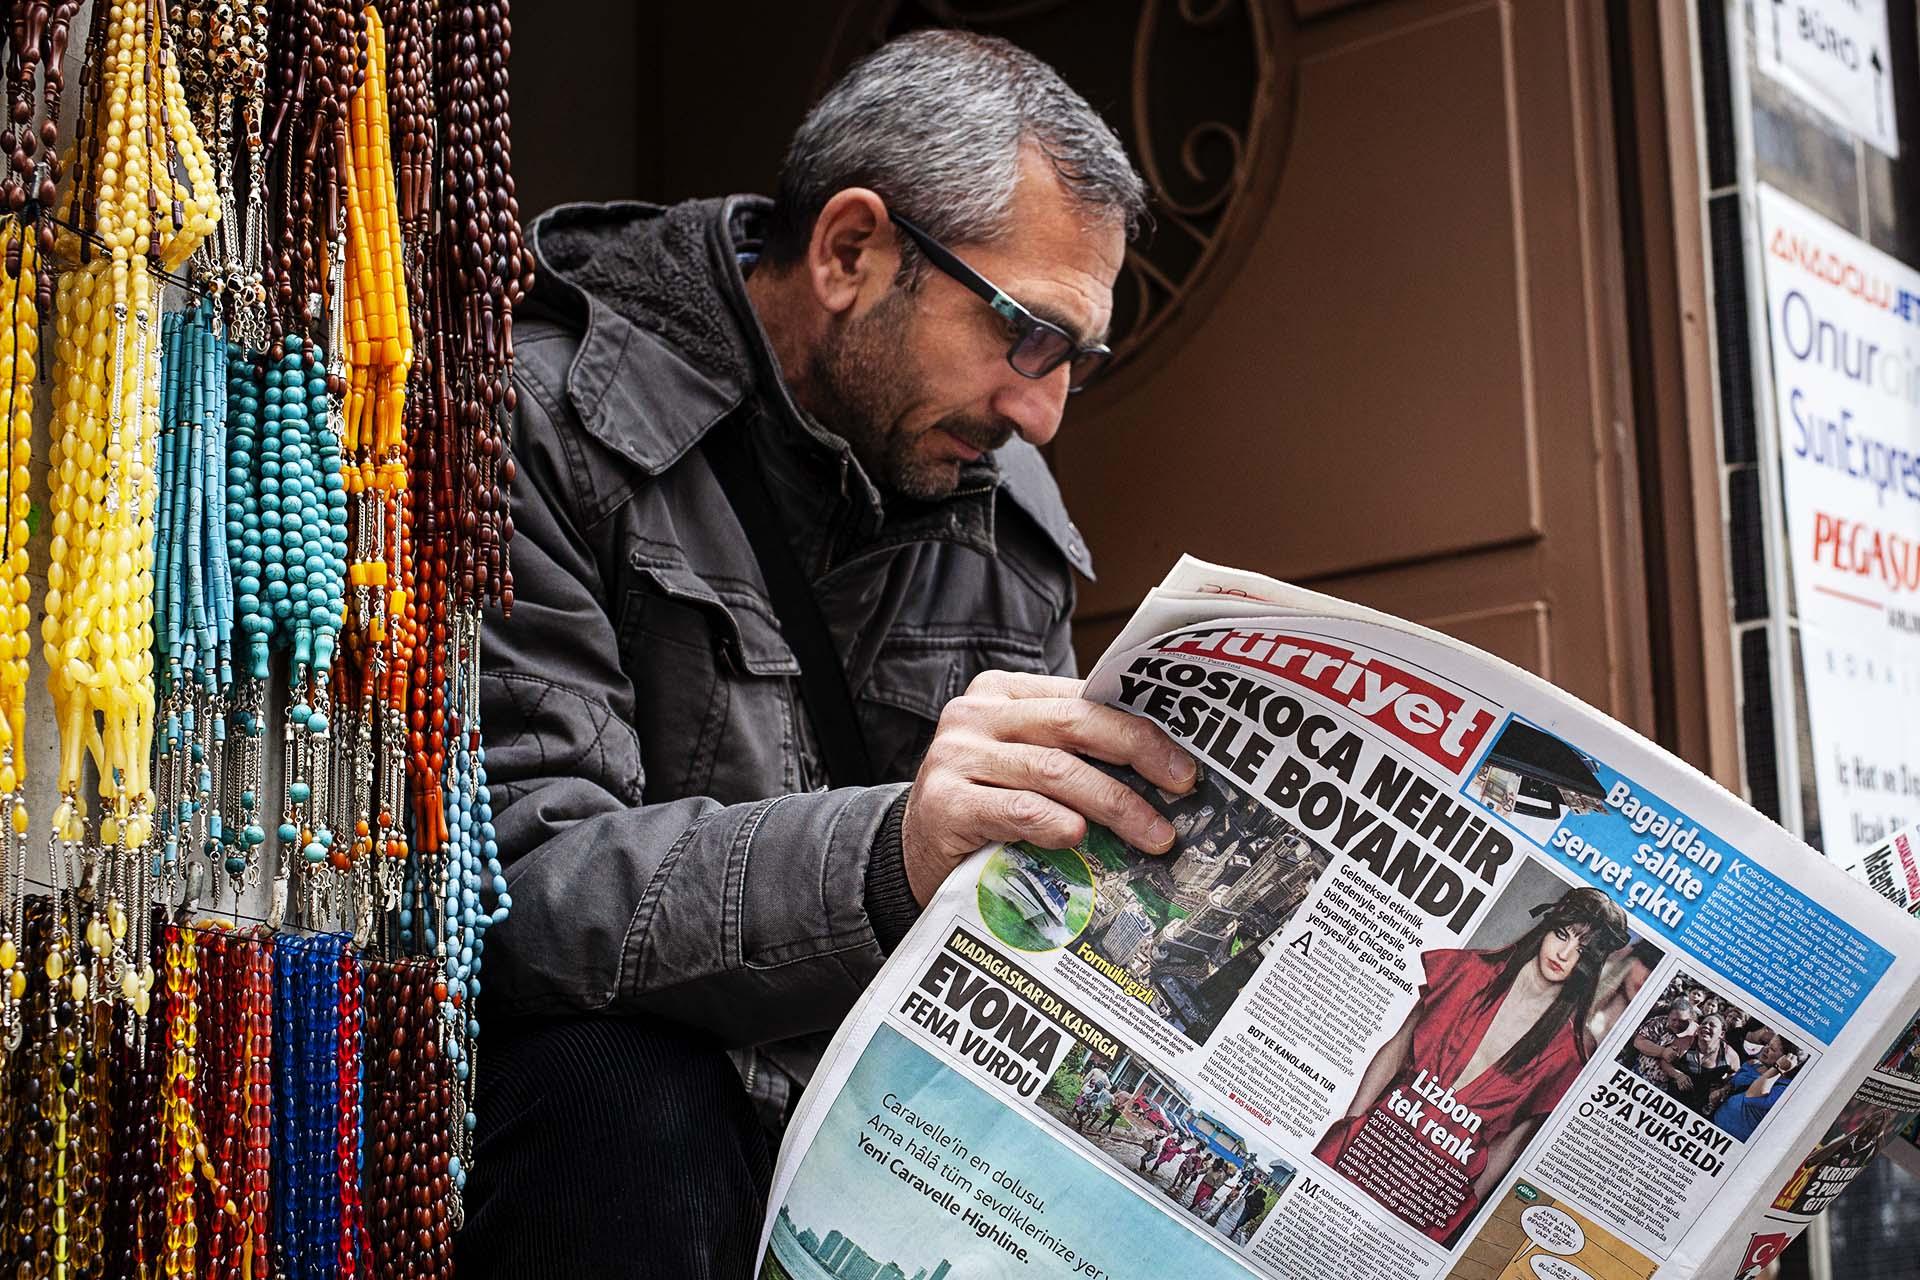 150 medios de comunicación han sido cerrados y 200 periodistas detenidos desde el golpe de estado.